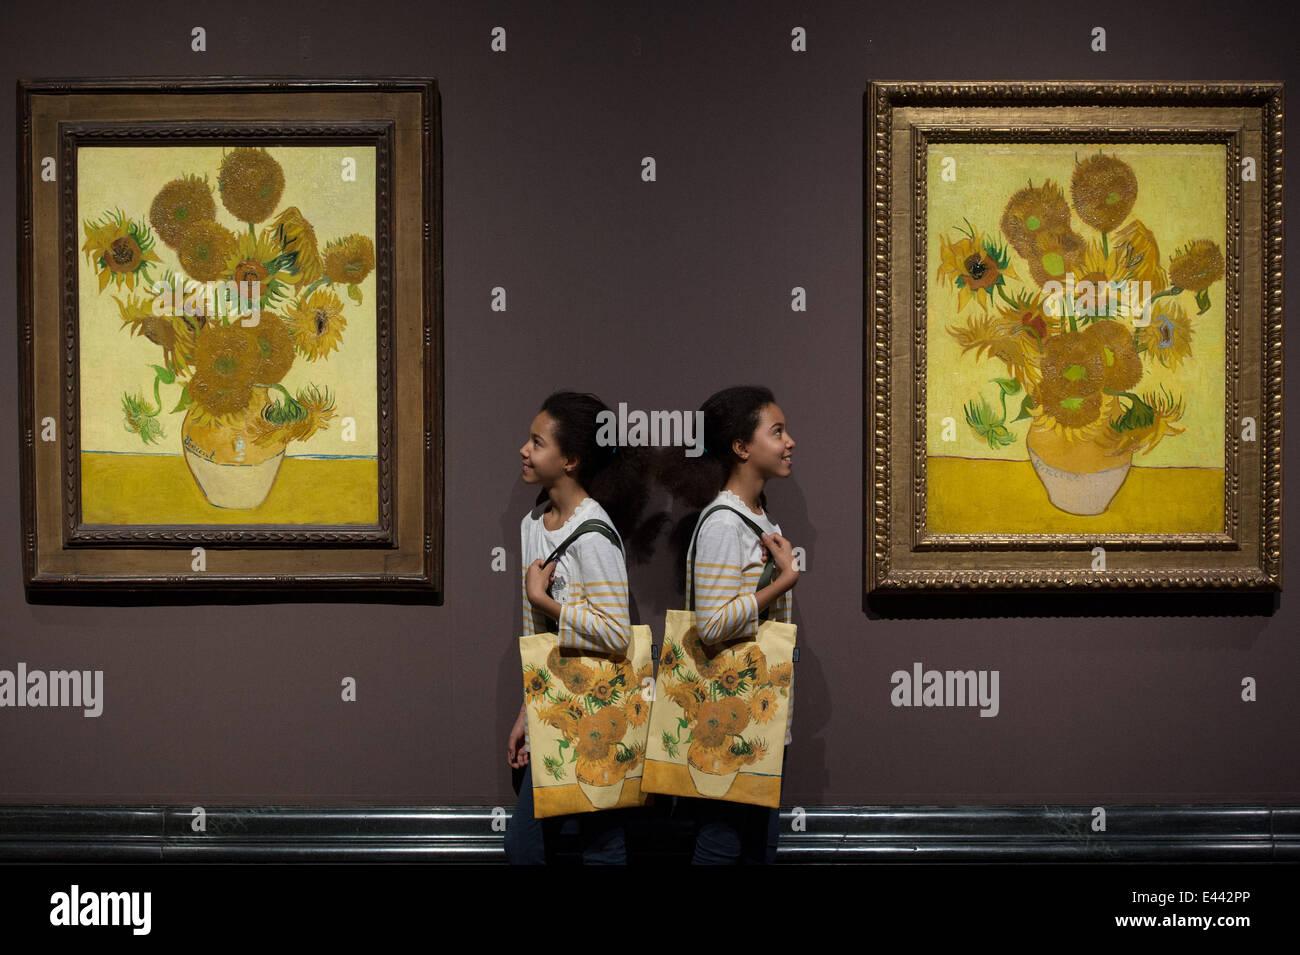 Gemütlich Sonnenblume Malvorlagen Van Gogh Fotos - Malvorlagen Von ...